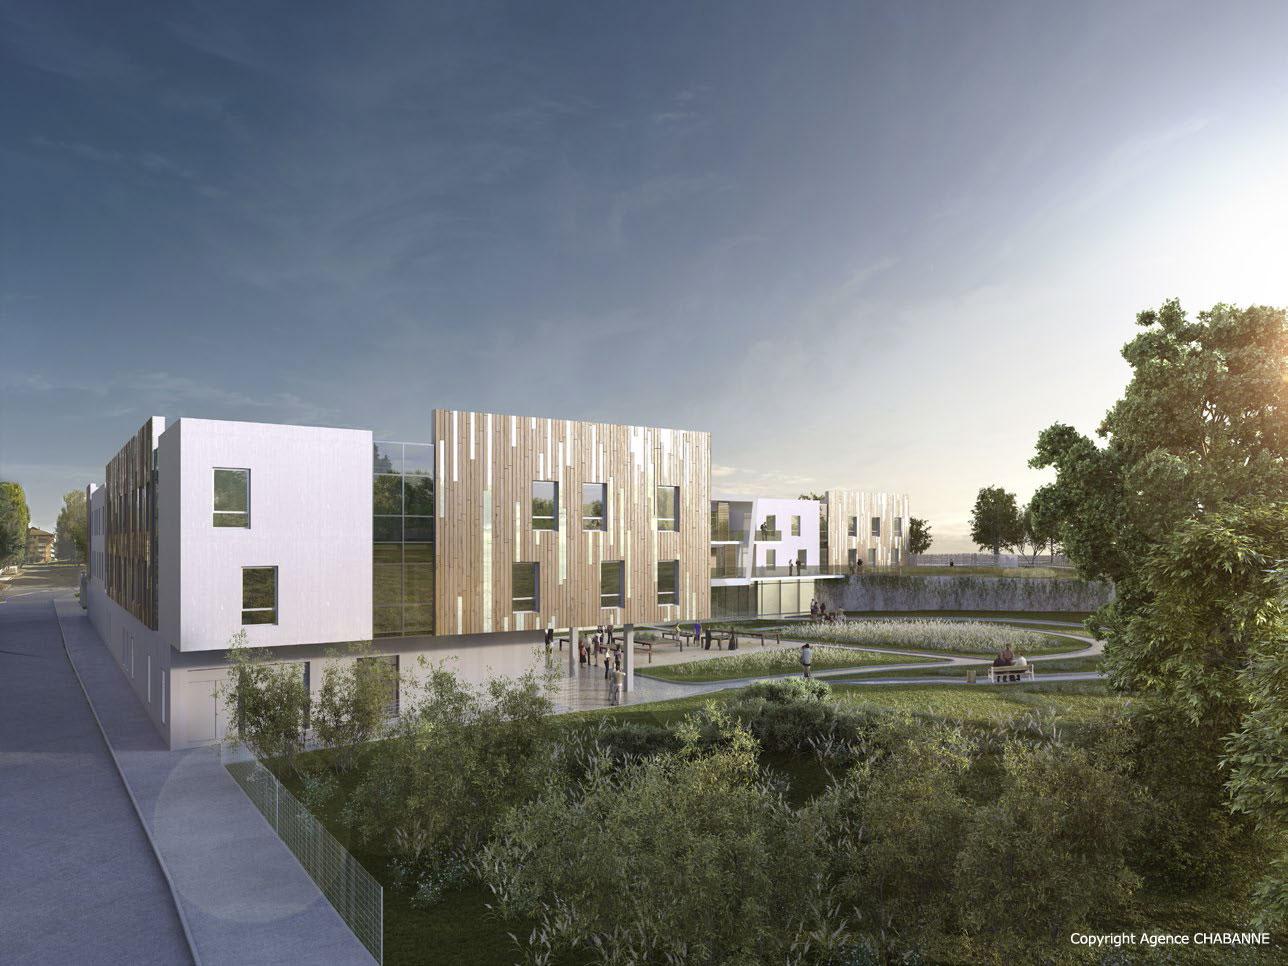 Architecture Ehpad innovante: l'agence  CHABANNE conçoit un Ehpad comme un Village avec ses villas et sa place animée